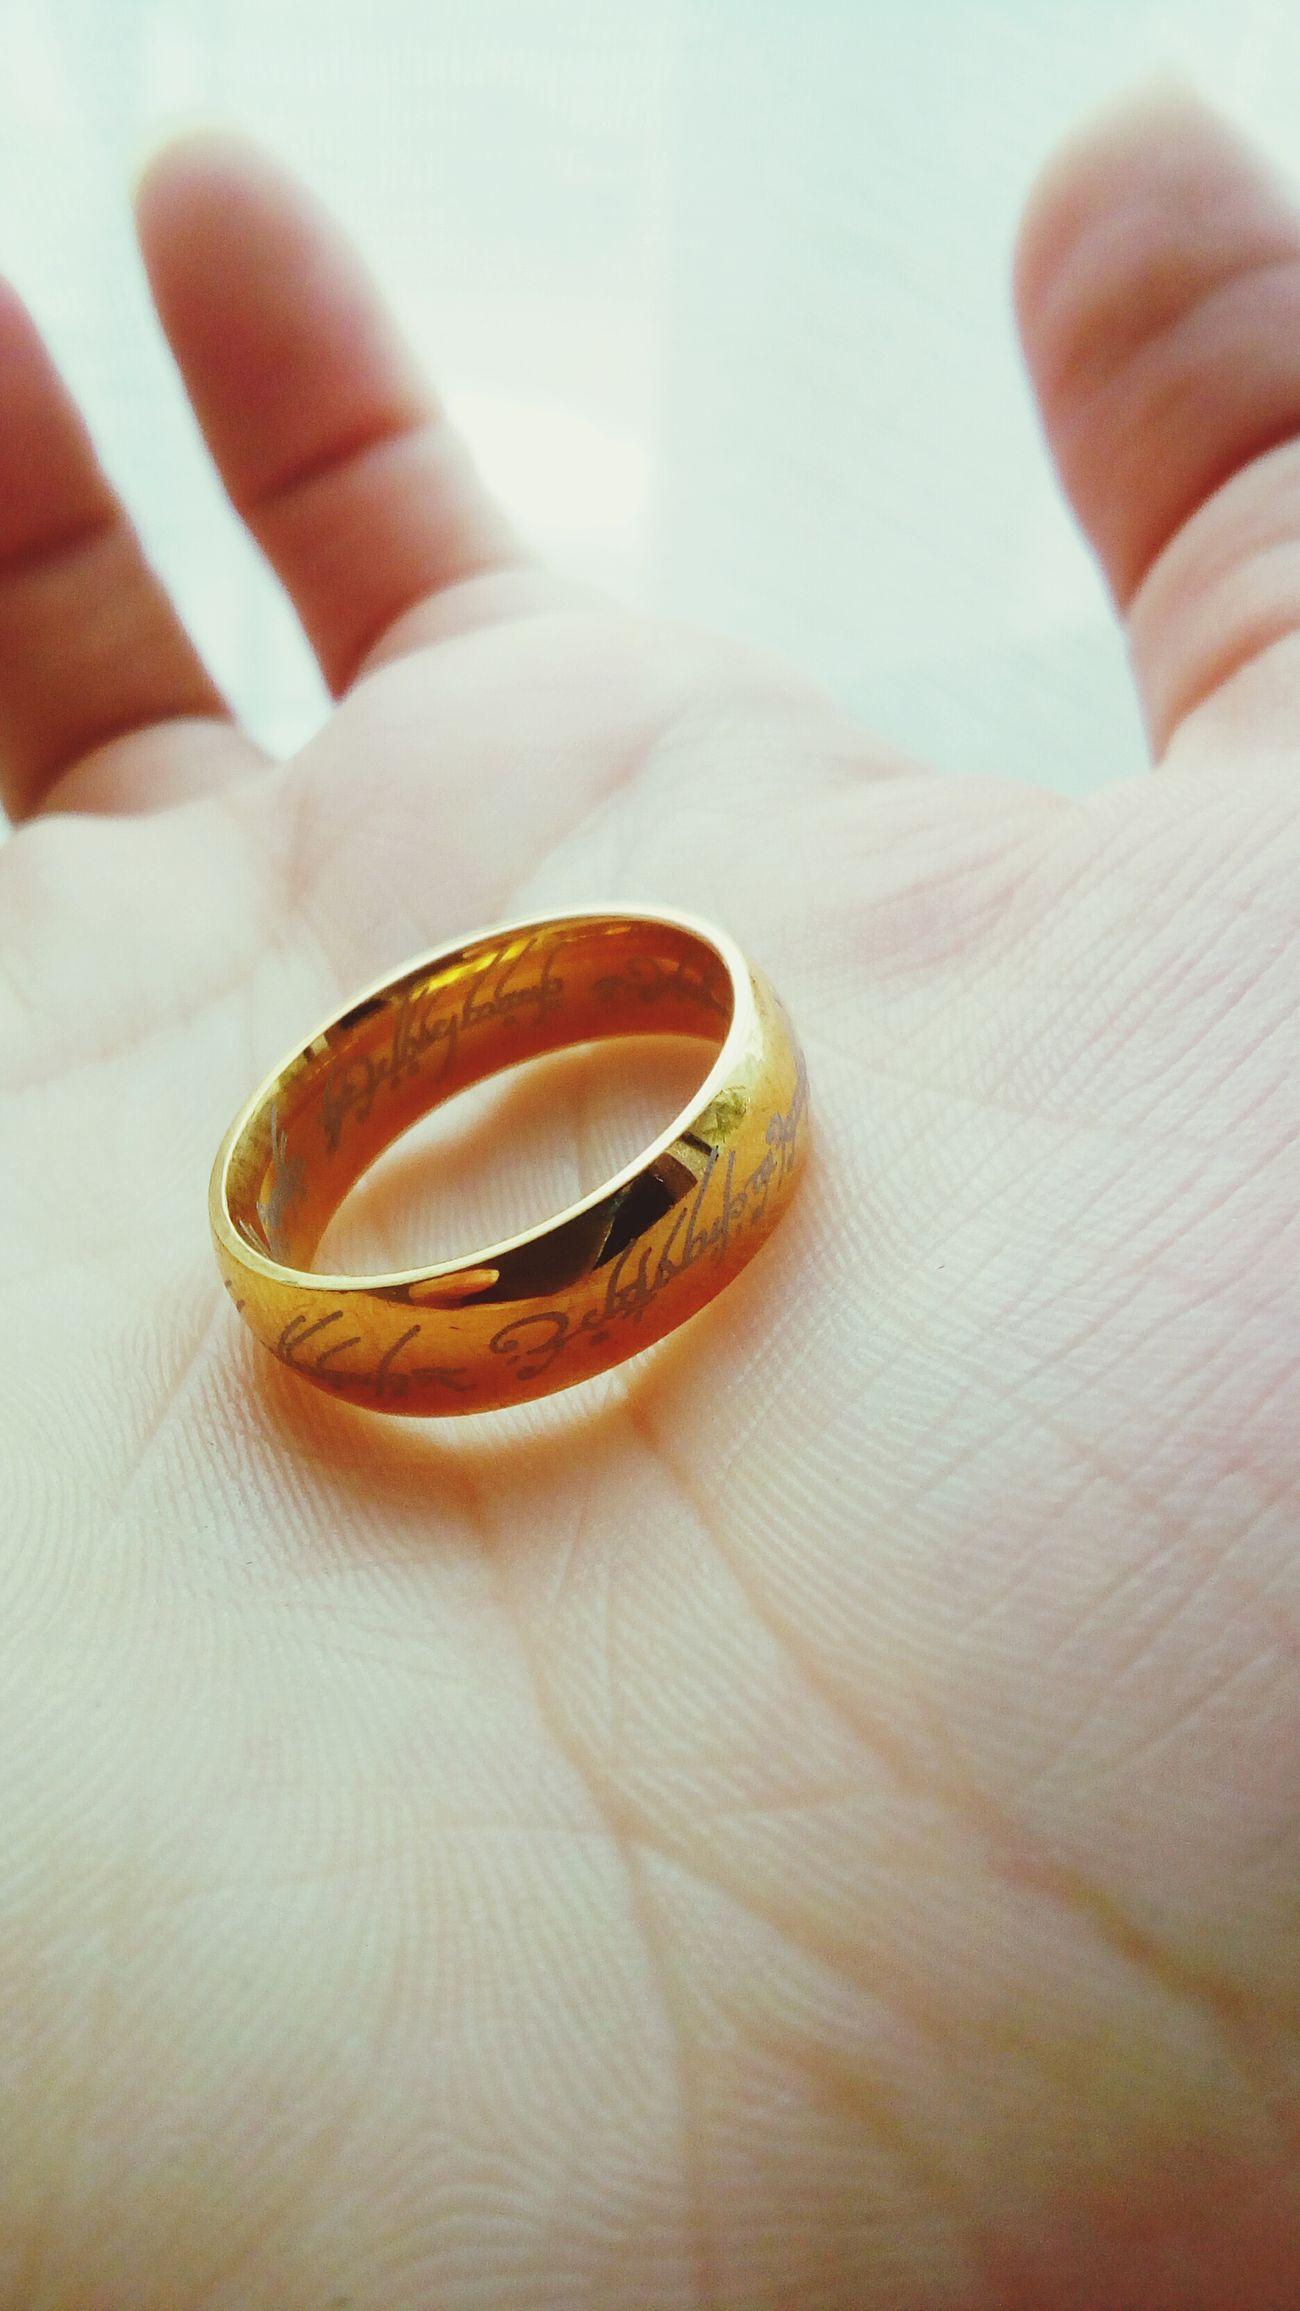 Оно —величайшаянадеждаи величайшийстрах... кольцо кольцовластителя надежда власть Страх Ring TheLordOfTheRings